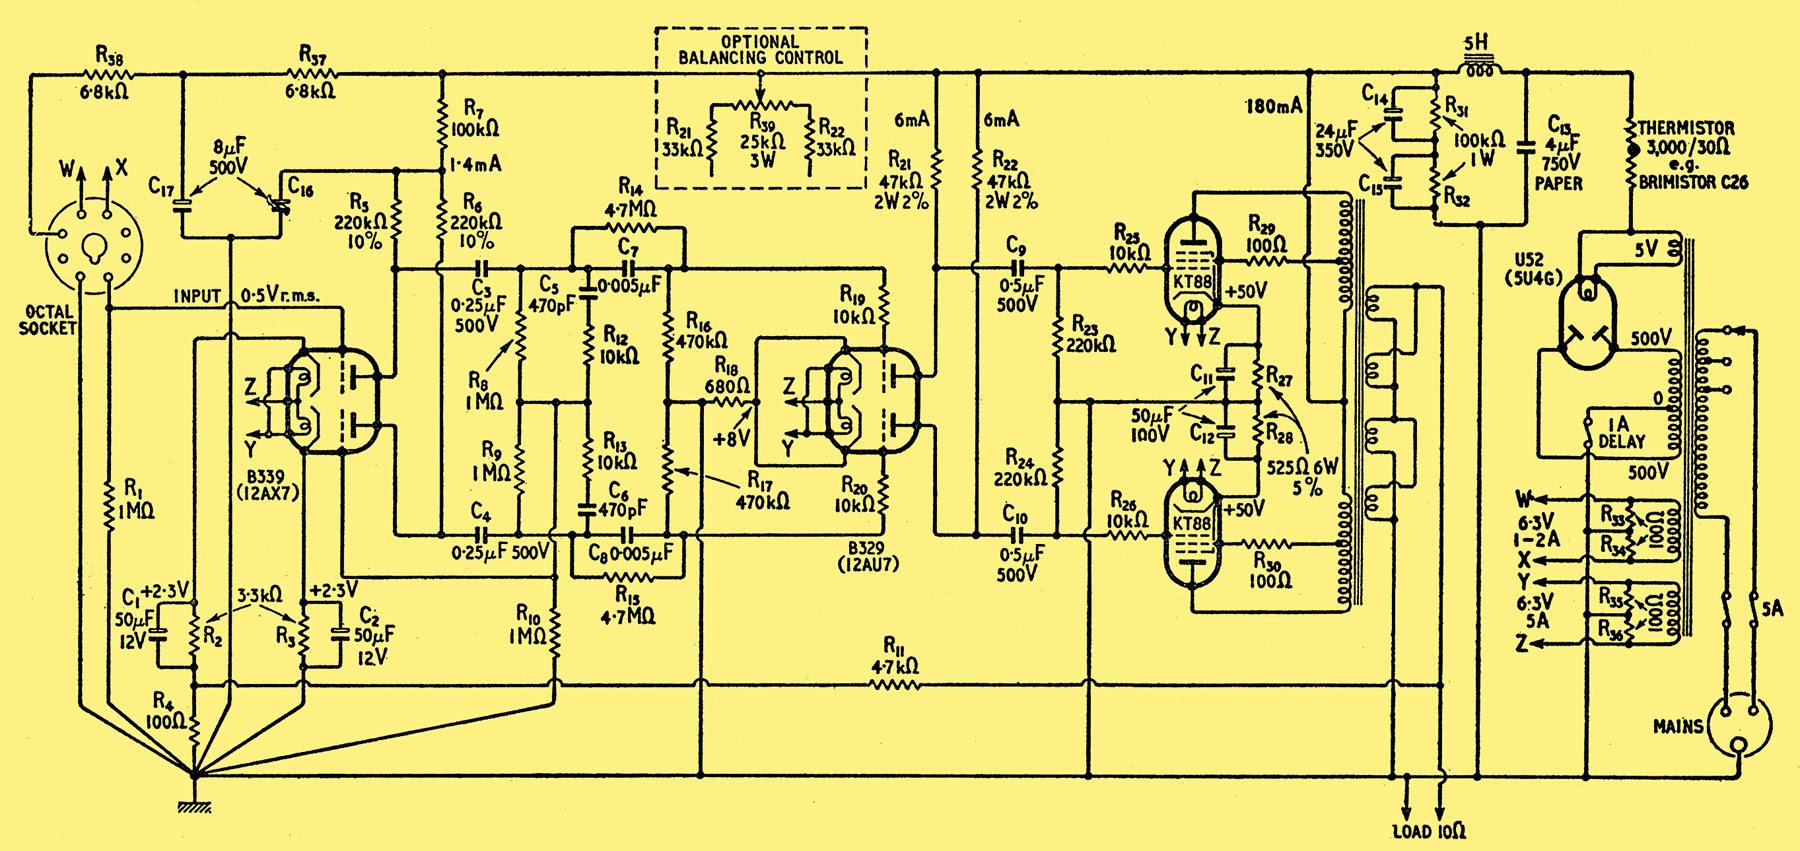 10000 Inverter Wiring Diagram 10000 Watts Power Amplifier Schematic Diagram Circuit